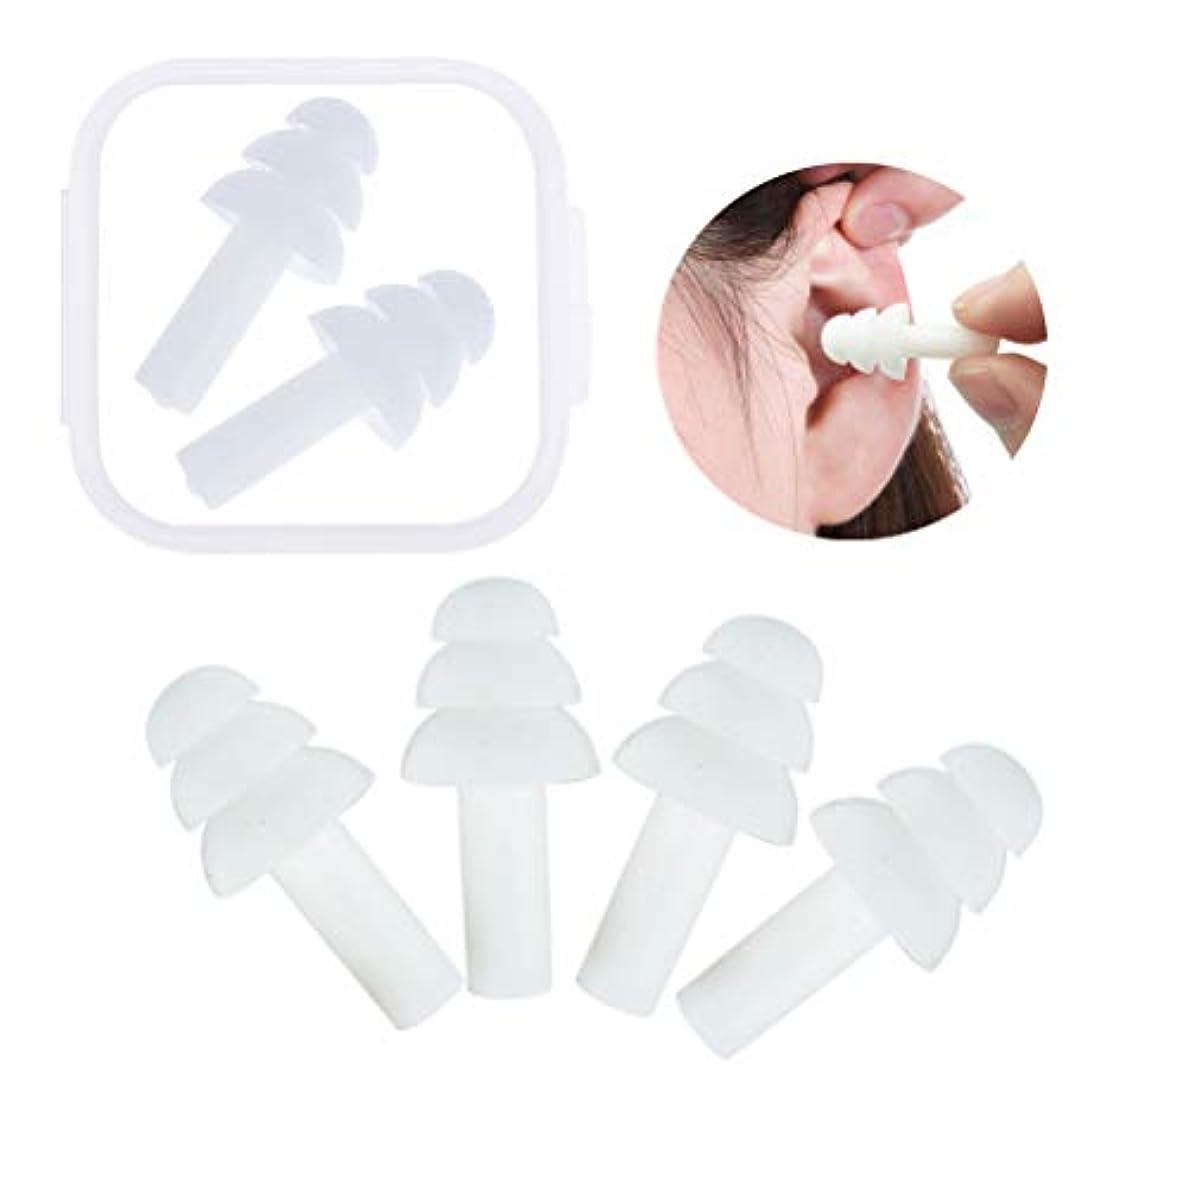 細心のスクレーパー安全耳栓2ペア パックライブ 防音 睡眠 飛行機 医療用 シリコン 安眠 音楽用, 重複使用可能 携帯便利